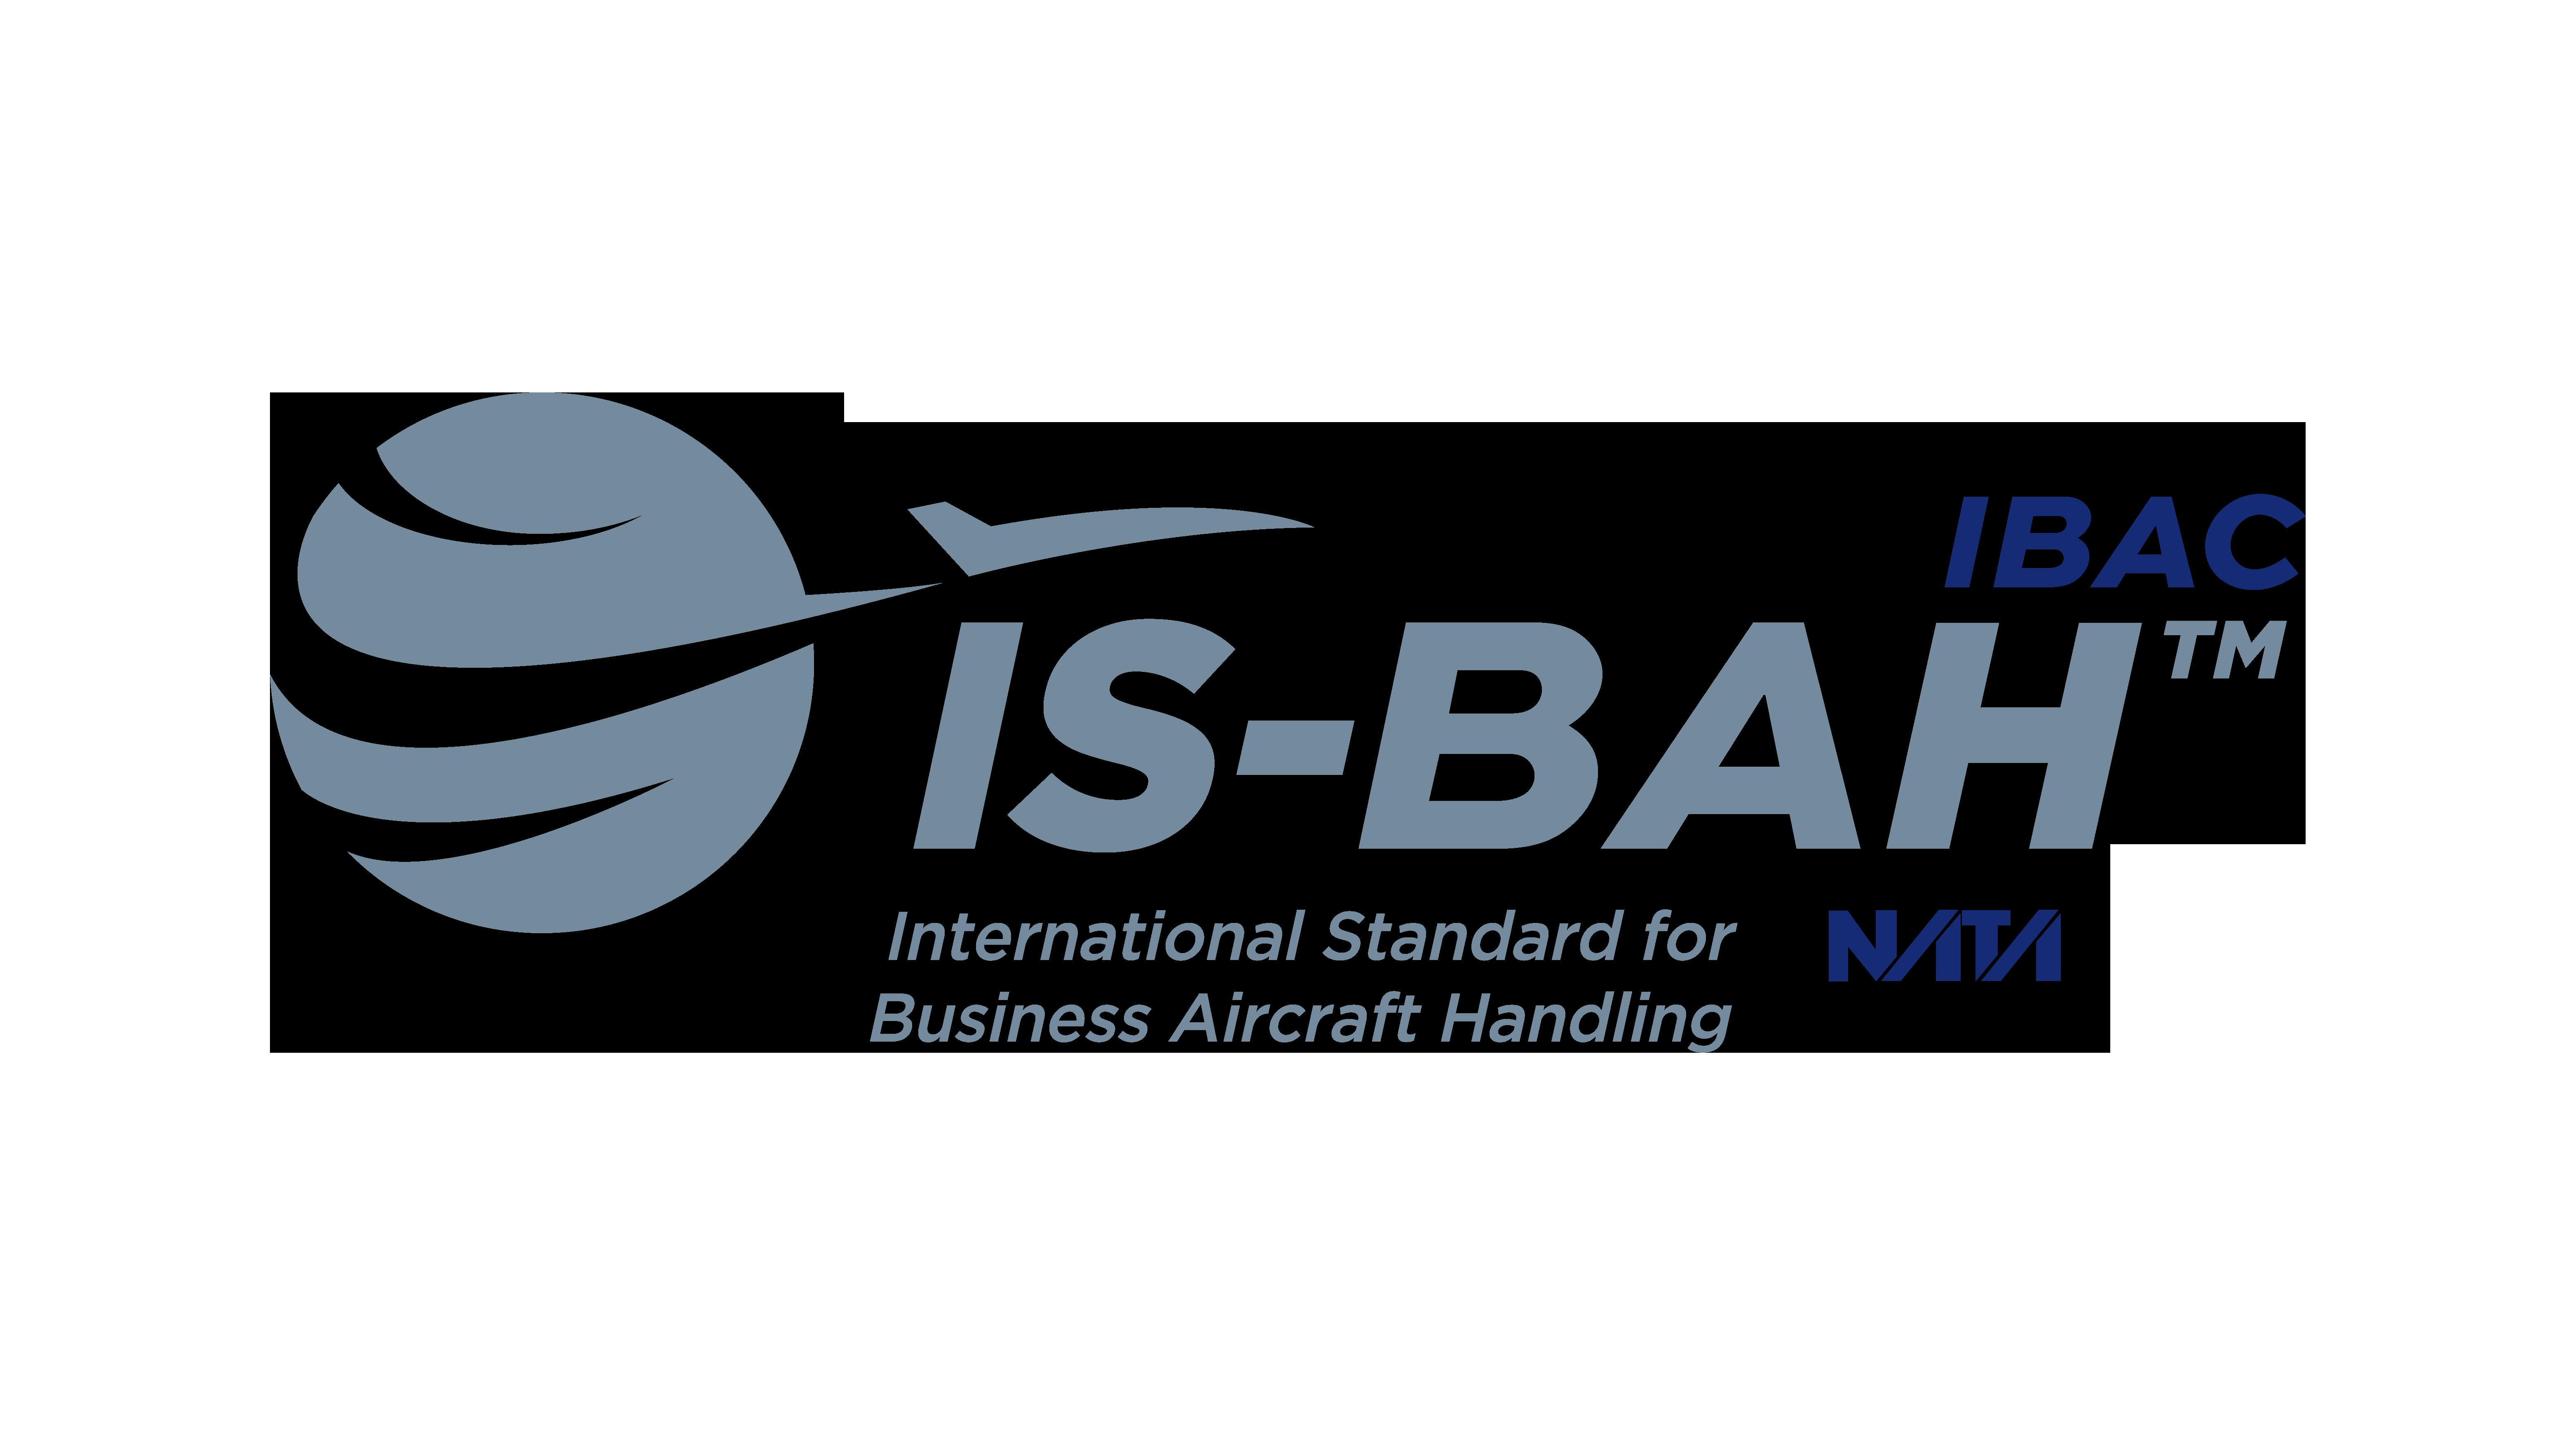 IS-BAH Workshops: Luton, UK